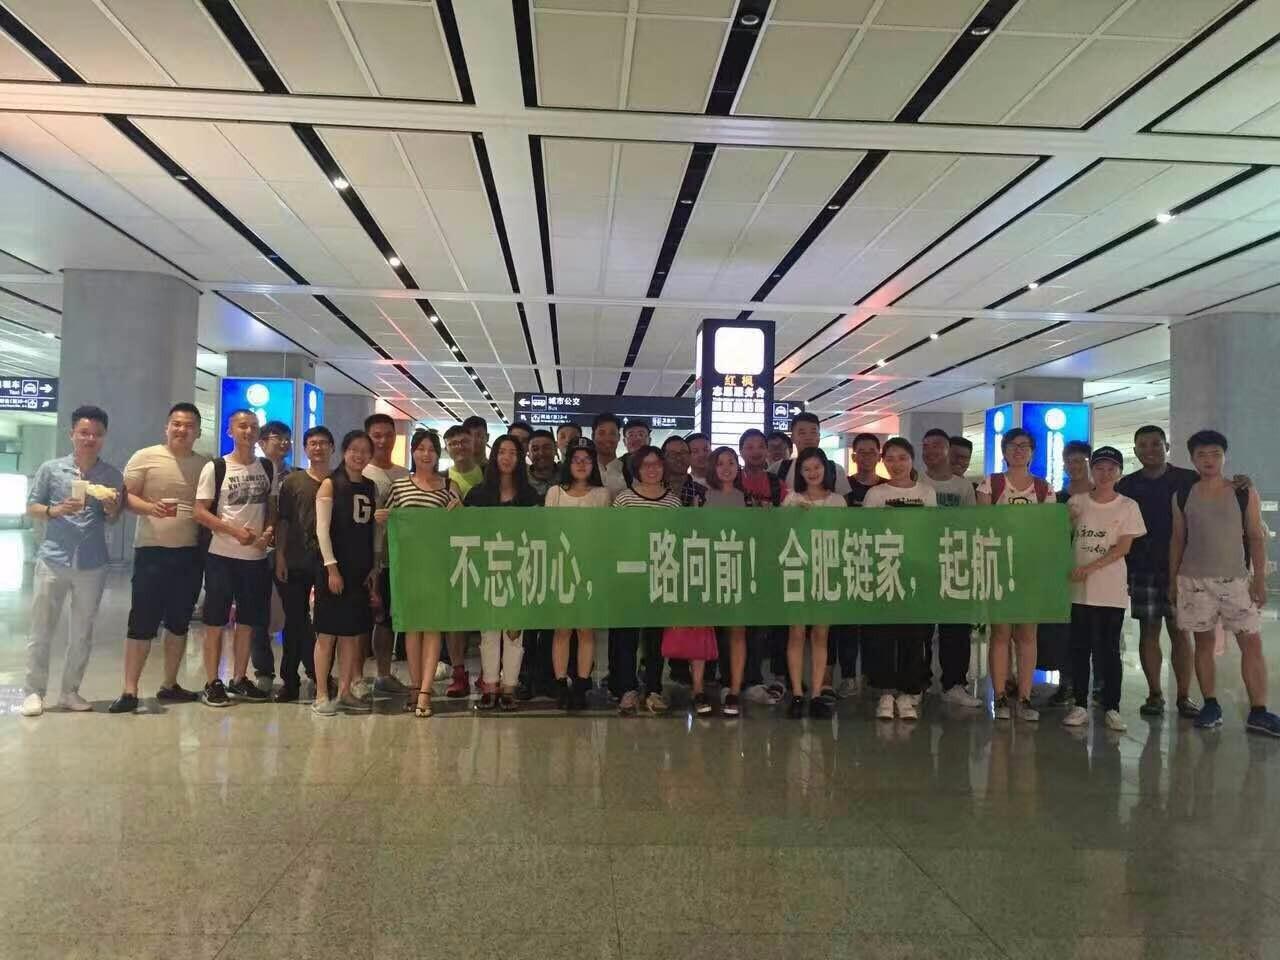 链家目前已覆盖北京,上海,广州,深圳,天津,成都,青岛,重庆,大连,合肥